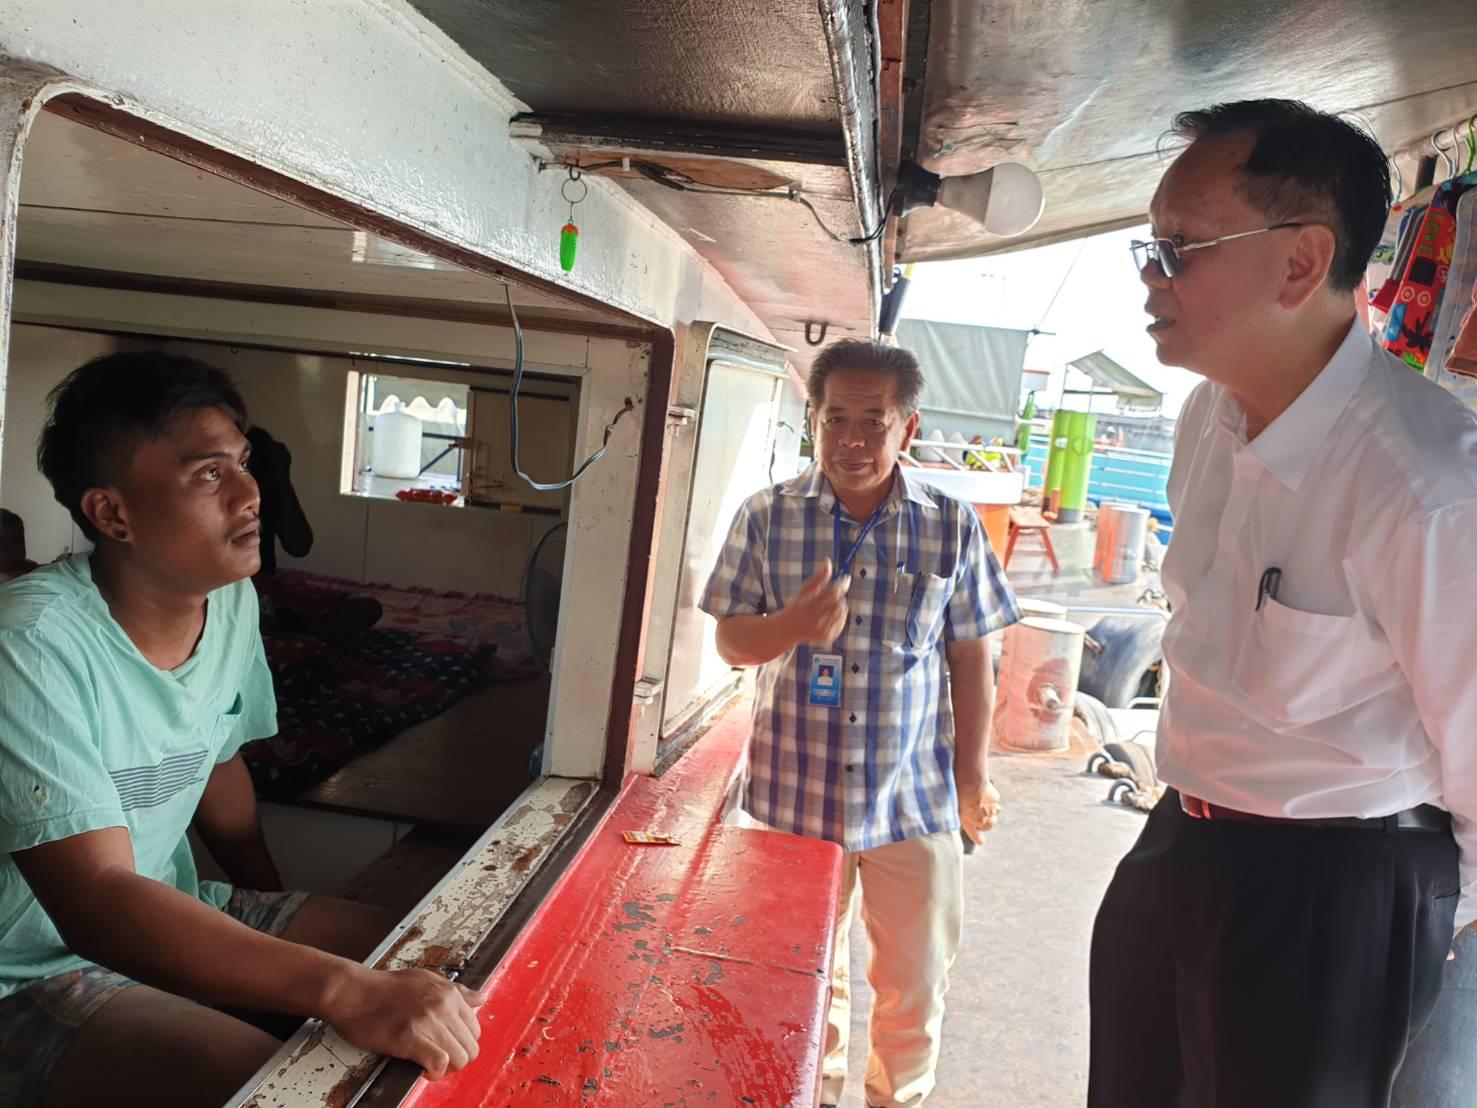 รองอธิบดีกรมการจัดหางาน ประชุมหารือกับคณะเจ้าหน้าที่ของเทศบาลตำบลเกาะสีชัง